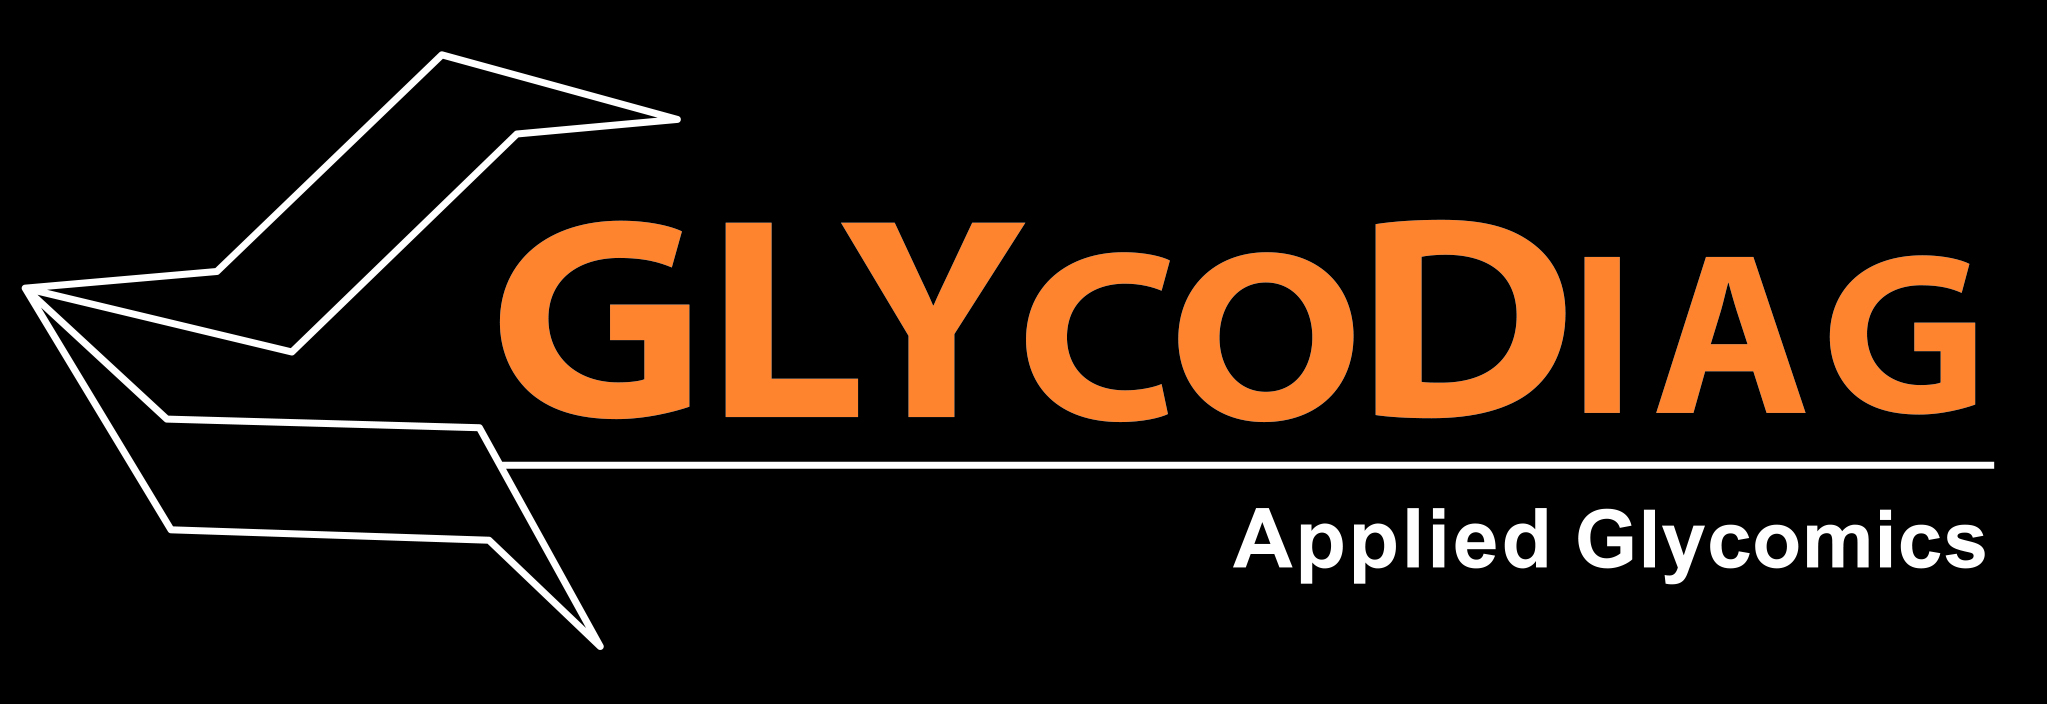 GLYCODIAG